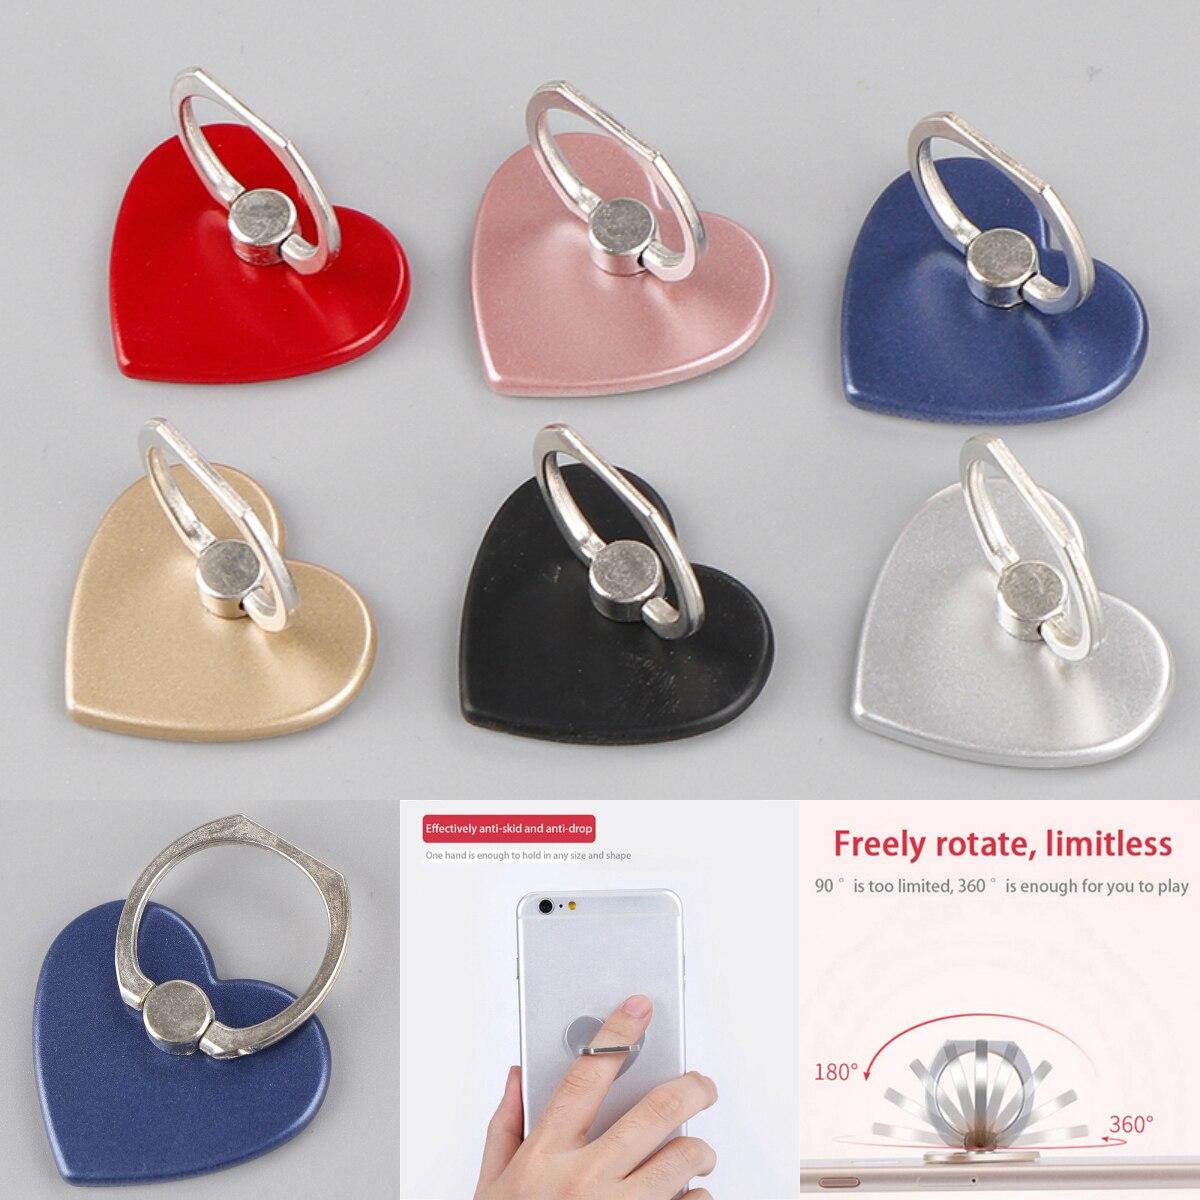 360 Degree Love Heart Phone Holder Degree Holder For Phone Ring Handset Bracket For Desktop Tablet For Samsung Huawei Xiaomi